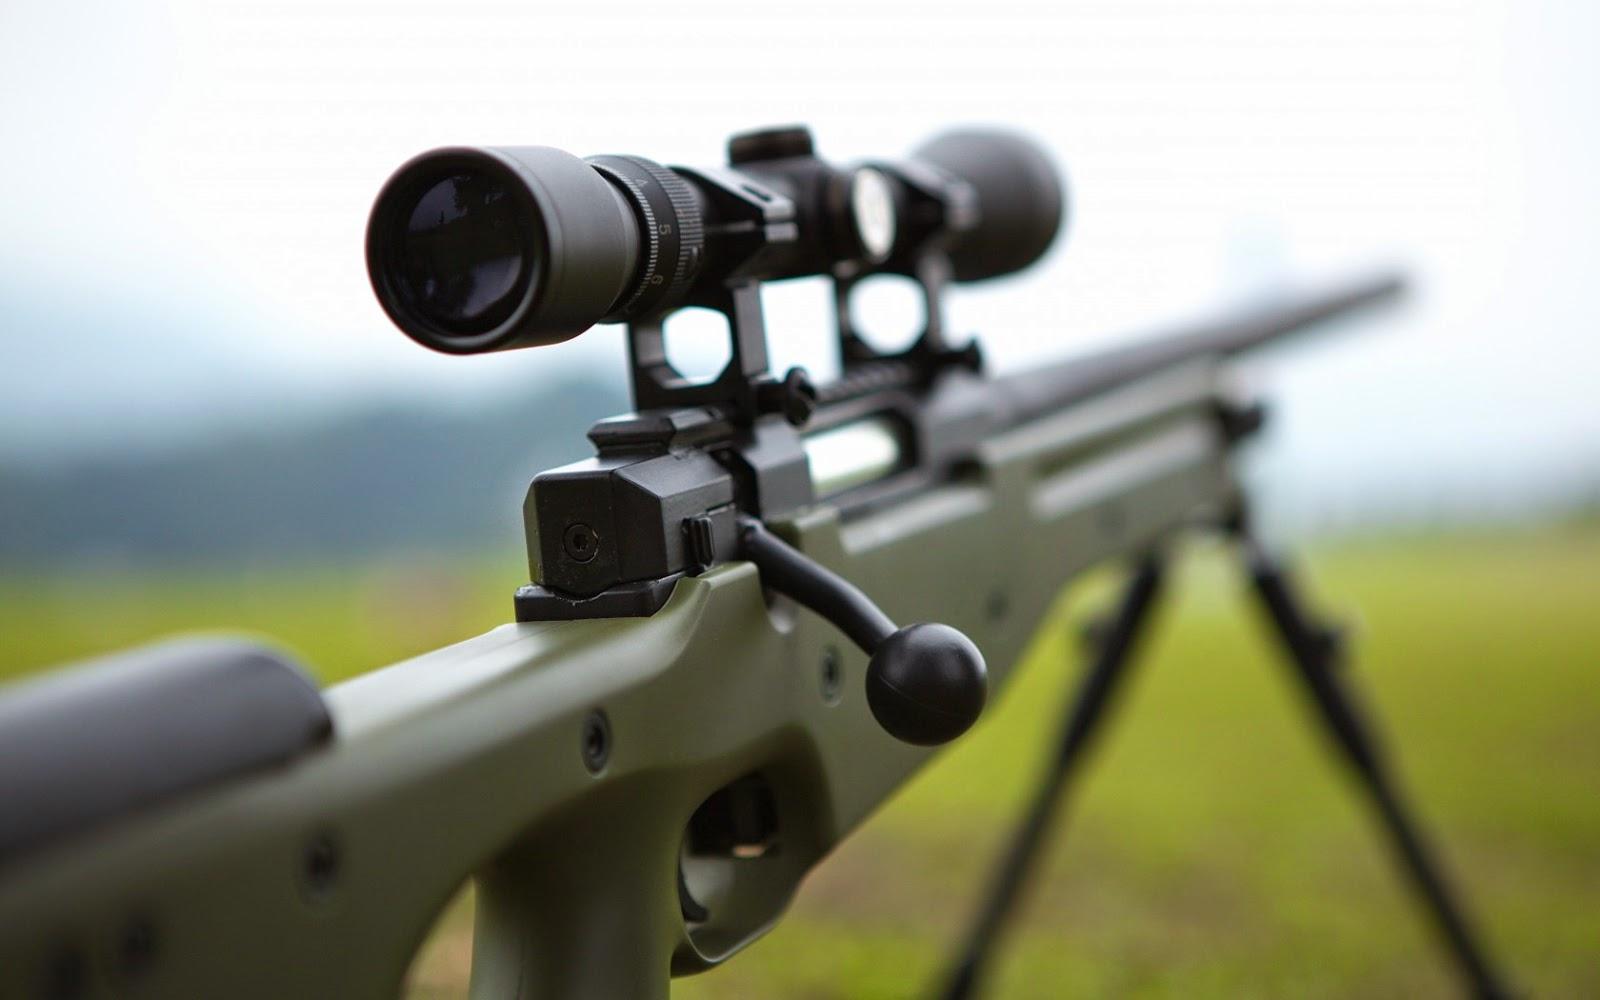 Sniper Rifle Wallpaper HD - WallpaperSafari